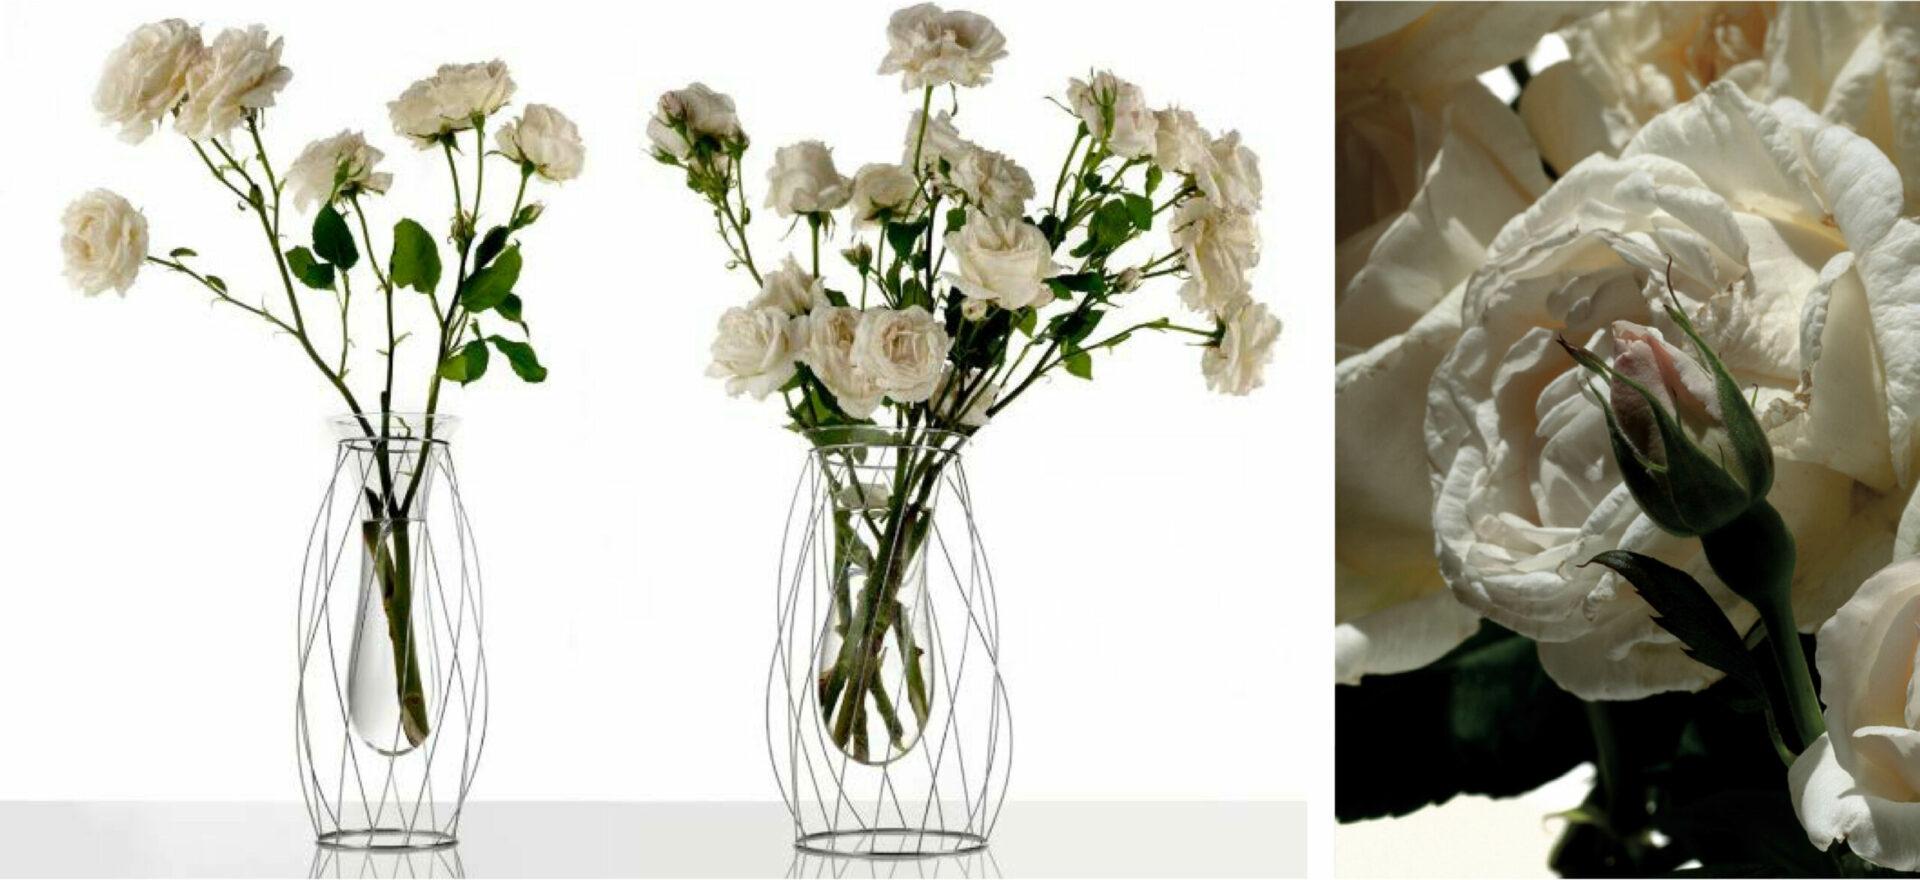 Intanto | Flower vases | Product Design | Alessi | Mario Trimarchi Design